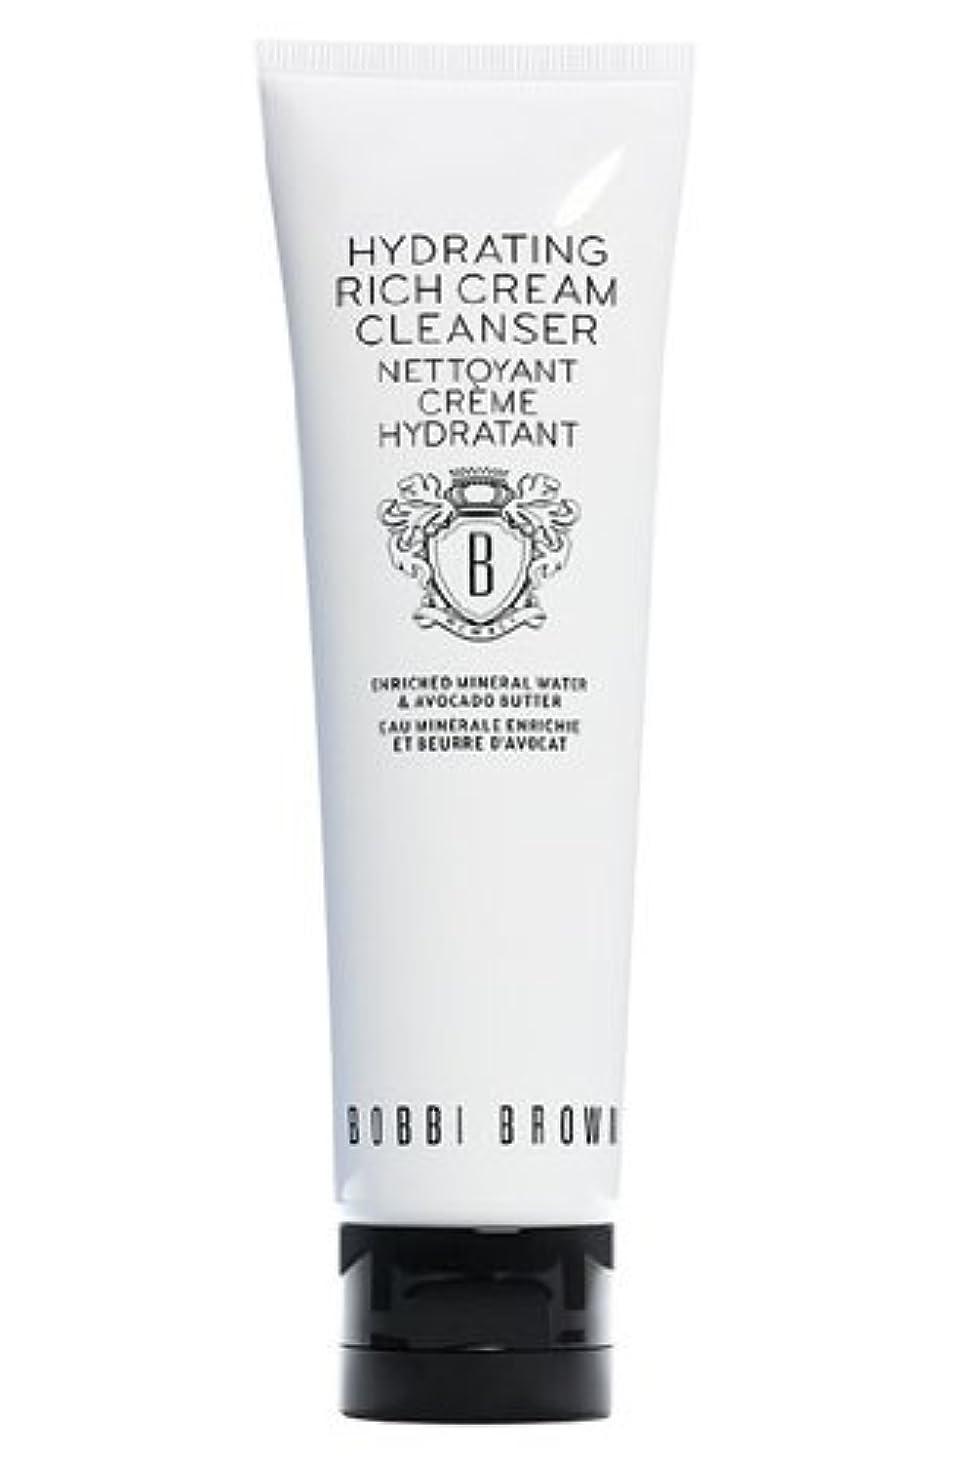 観点決してダンスBobbi Brown Hydrating Rich Cream Cleanser (ボビーブラウン ハイドレイティングリッチクリームクレンザー) 4.2 oz (126ml)